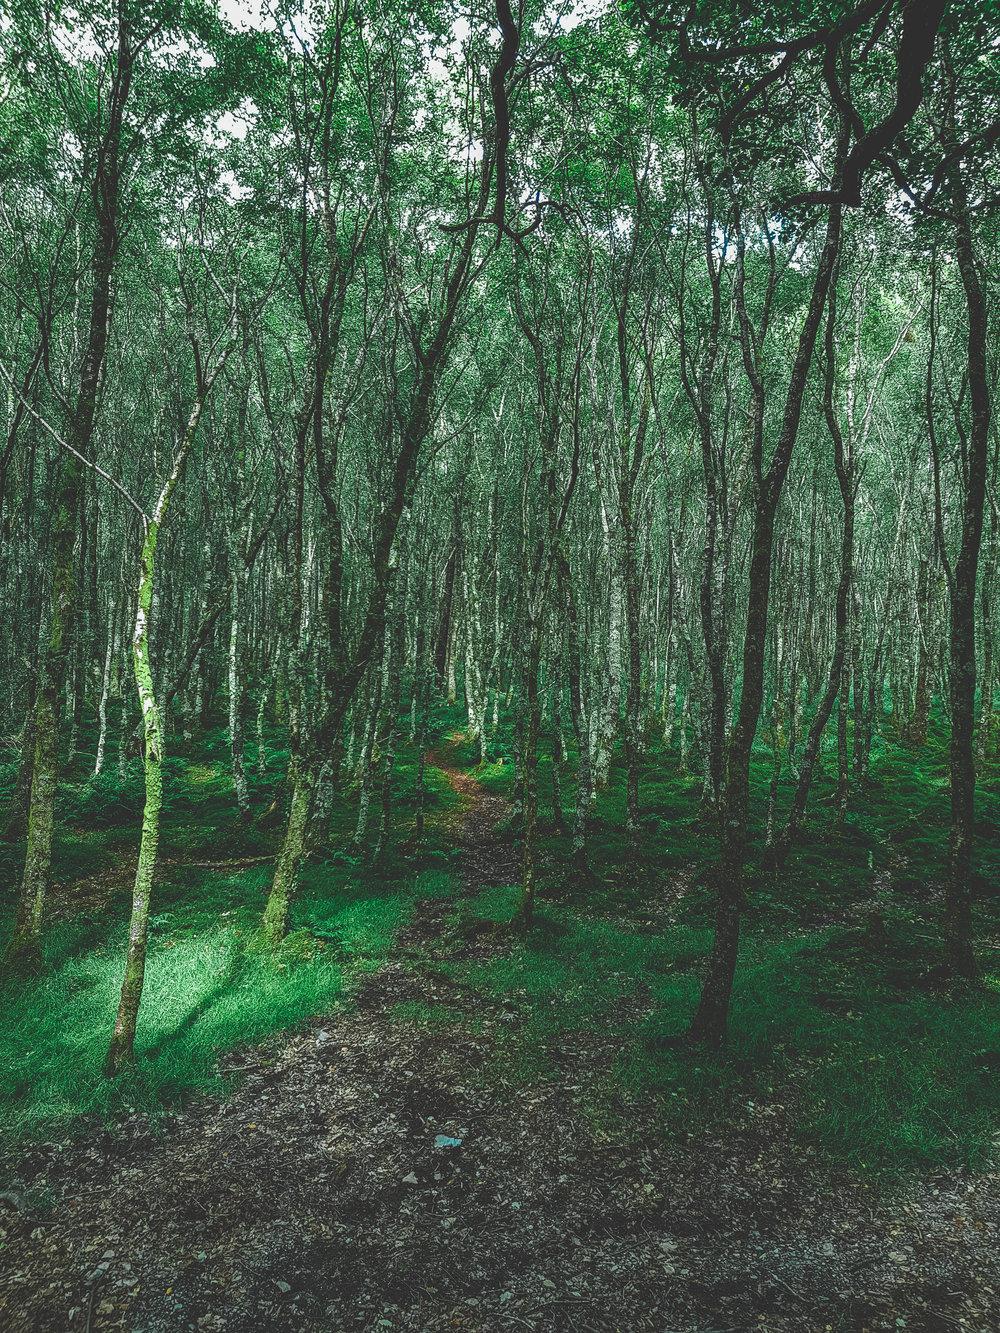 Green Forrest Ireland.